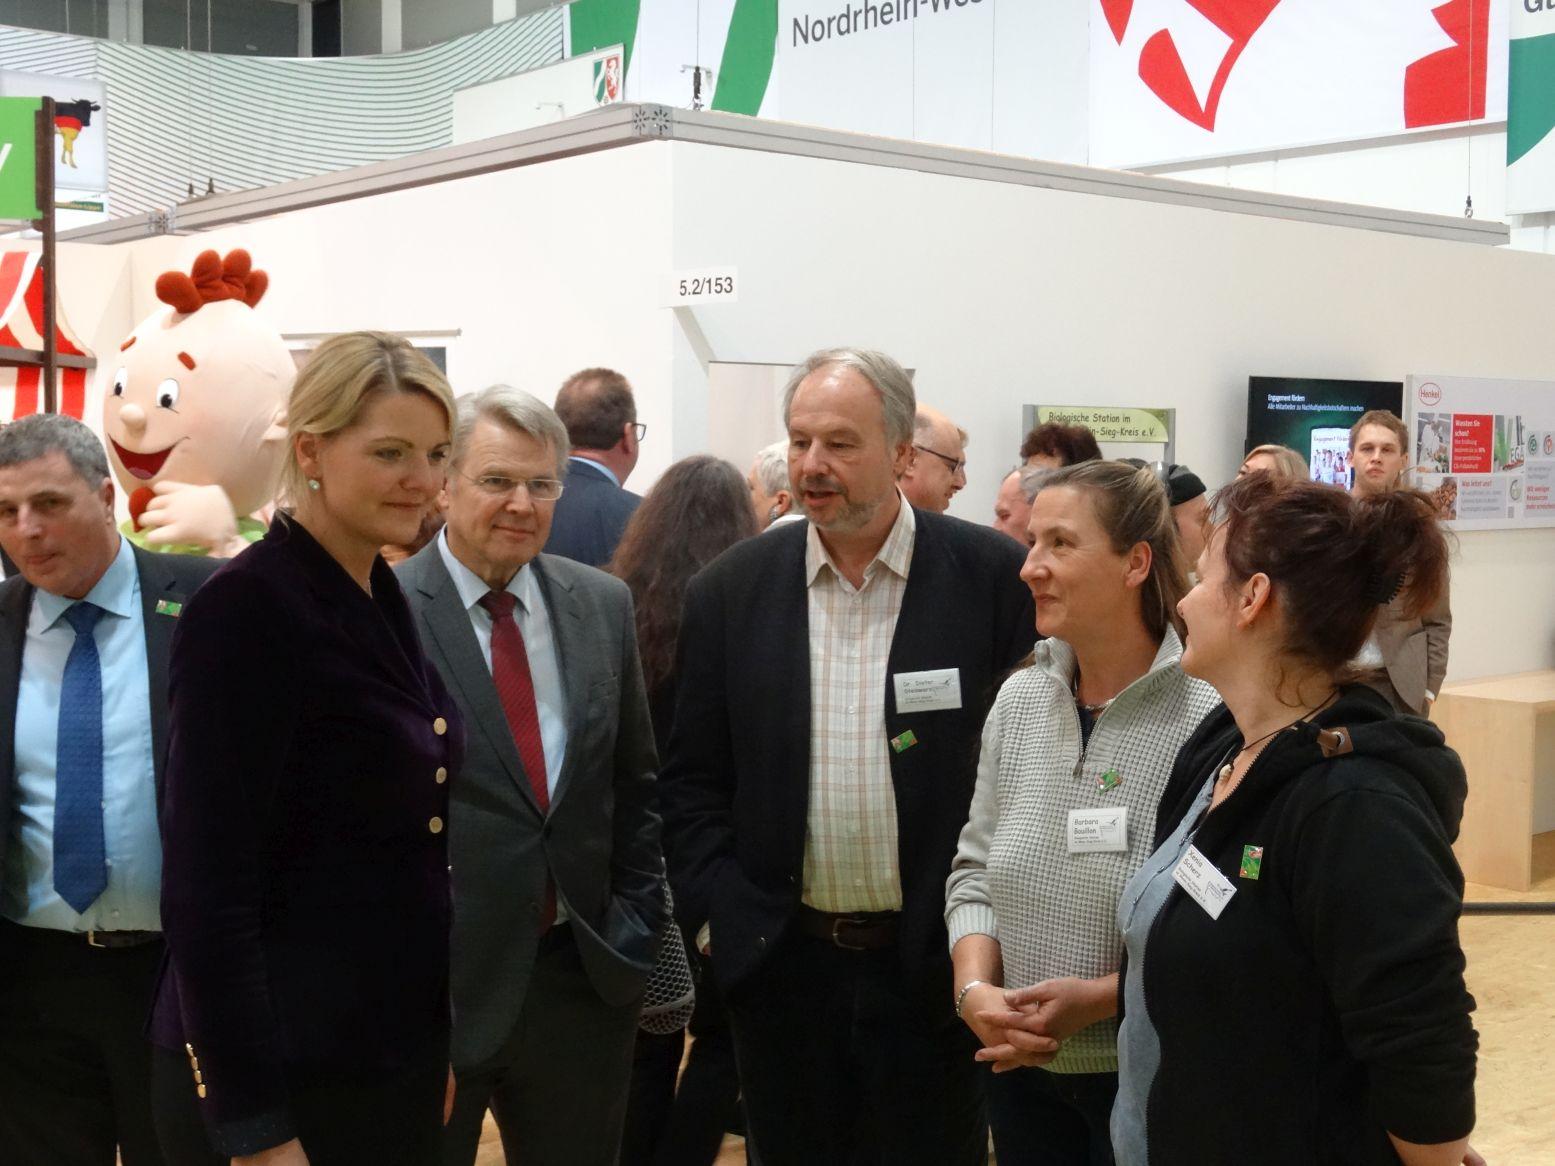 Hoher Besuch: NRW-Umweltministerin Schulze Föcking (2.vl) und Staatssekretär Bottermann (3.vl) mit unseren Kollegen